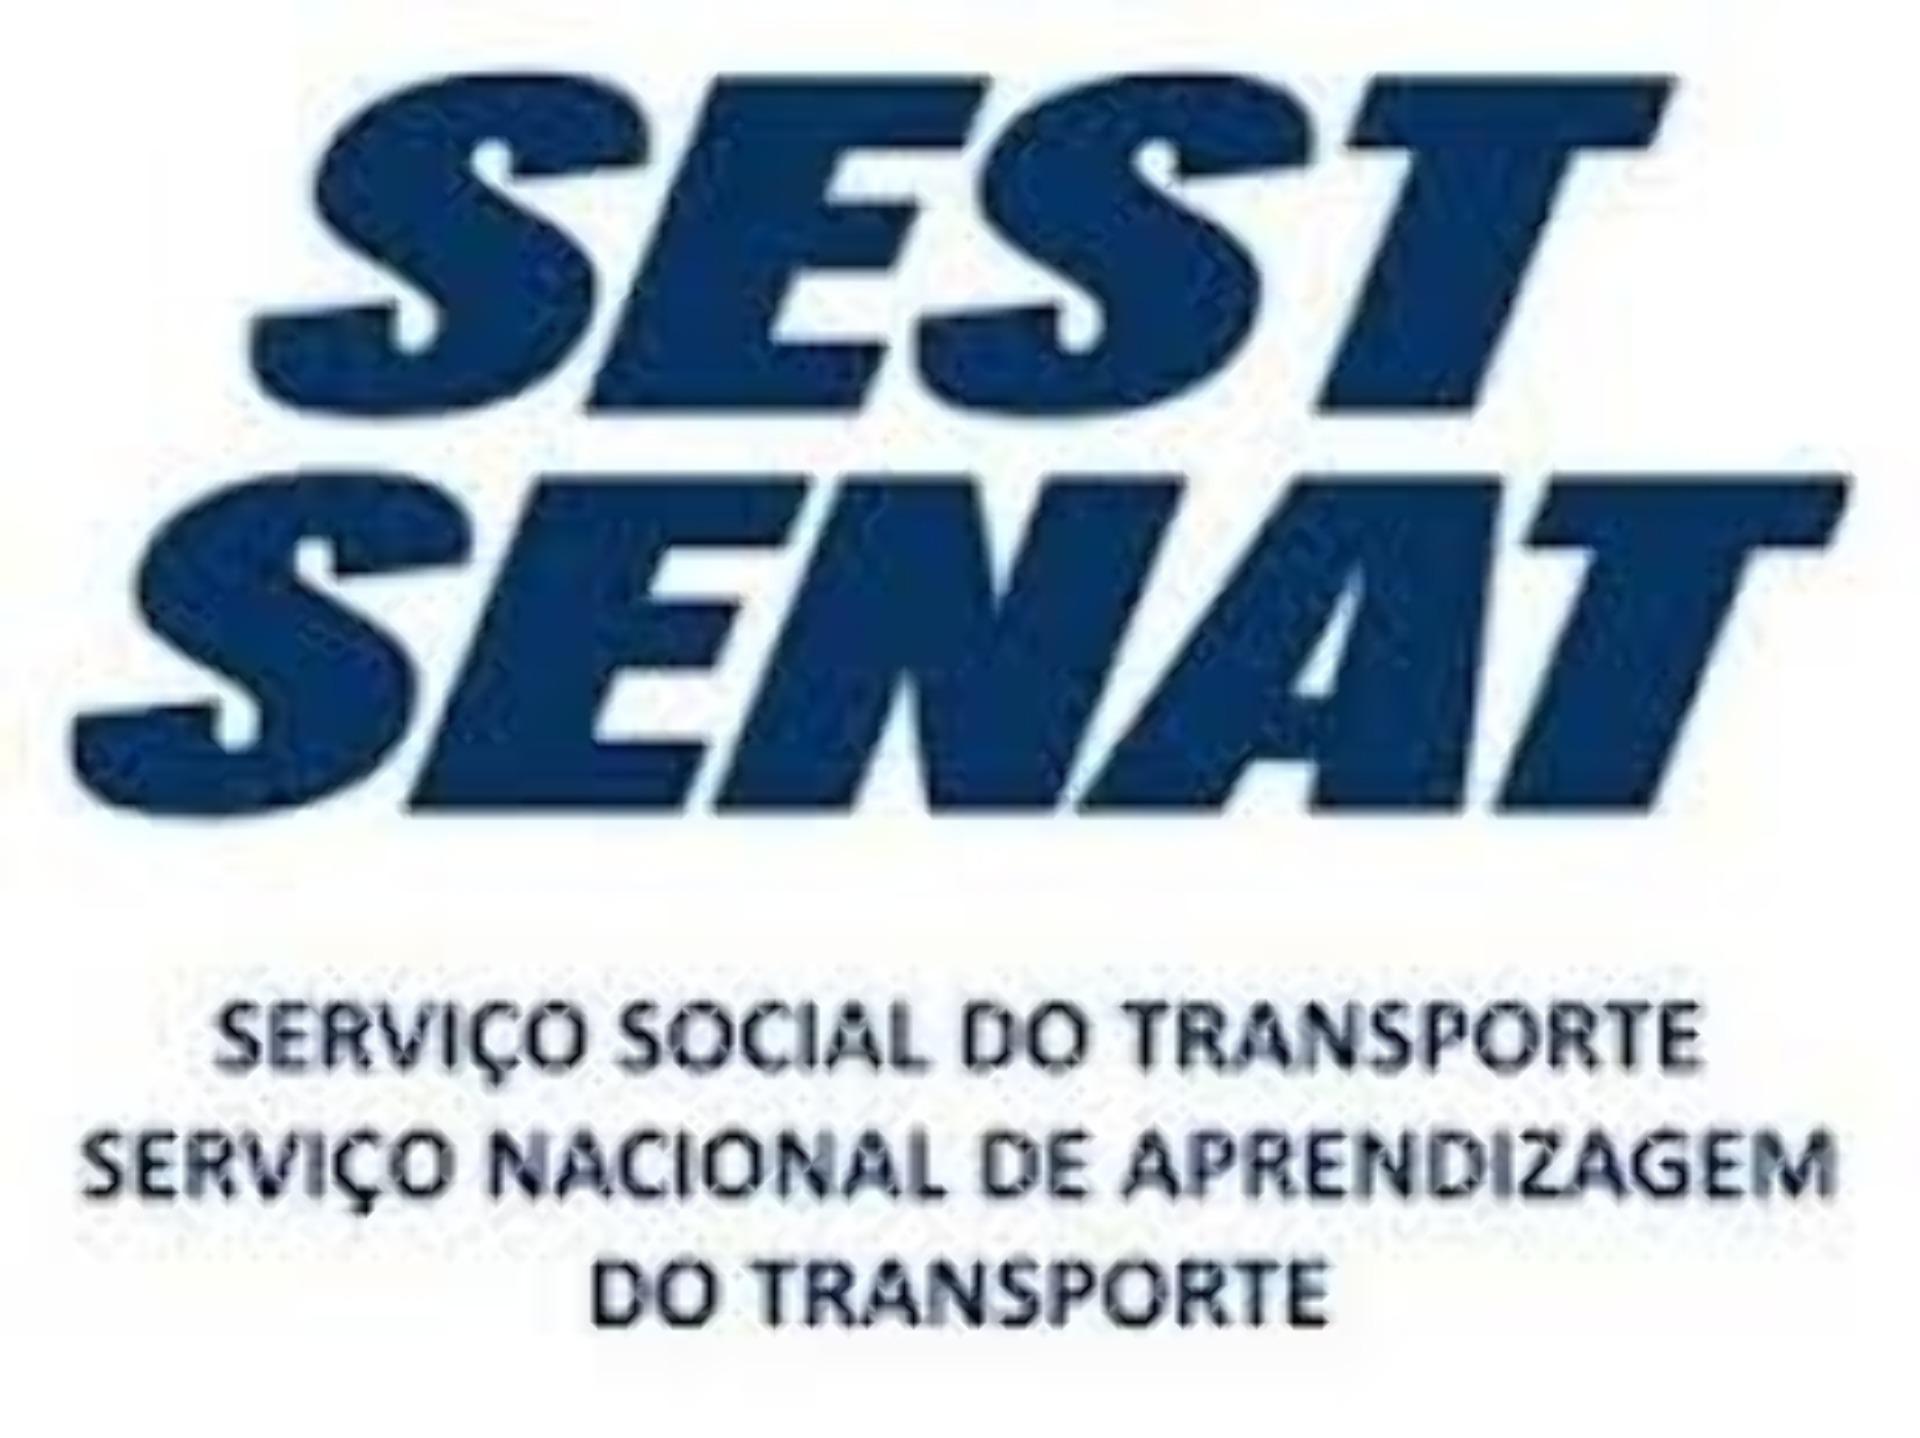 CONVENIO ENTRE SEST/SENAT E SINTESC GARANTE 1ª HABILITAÇÃO GRATUITA